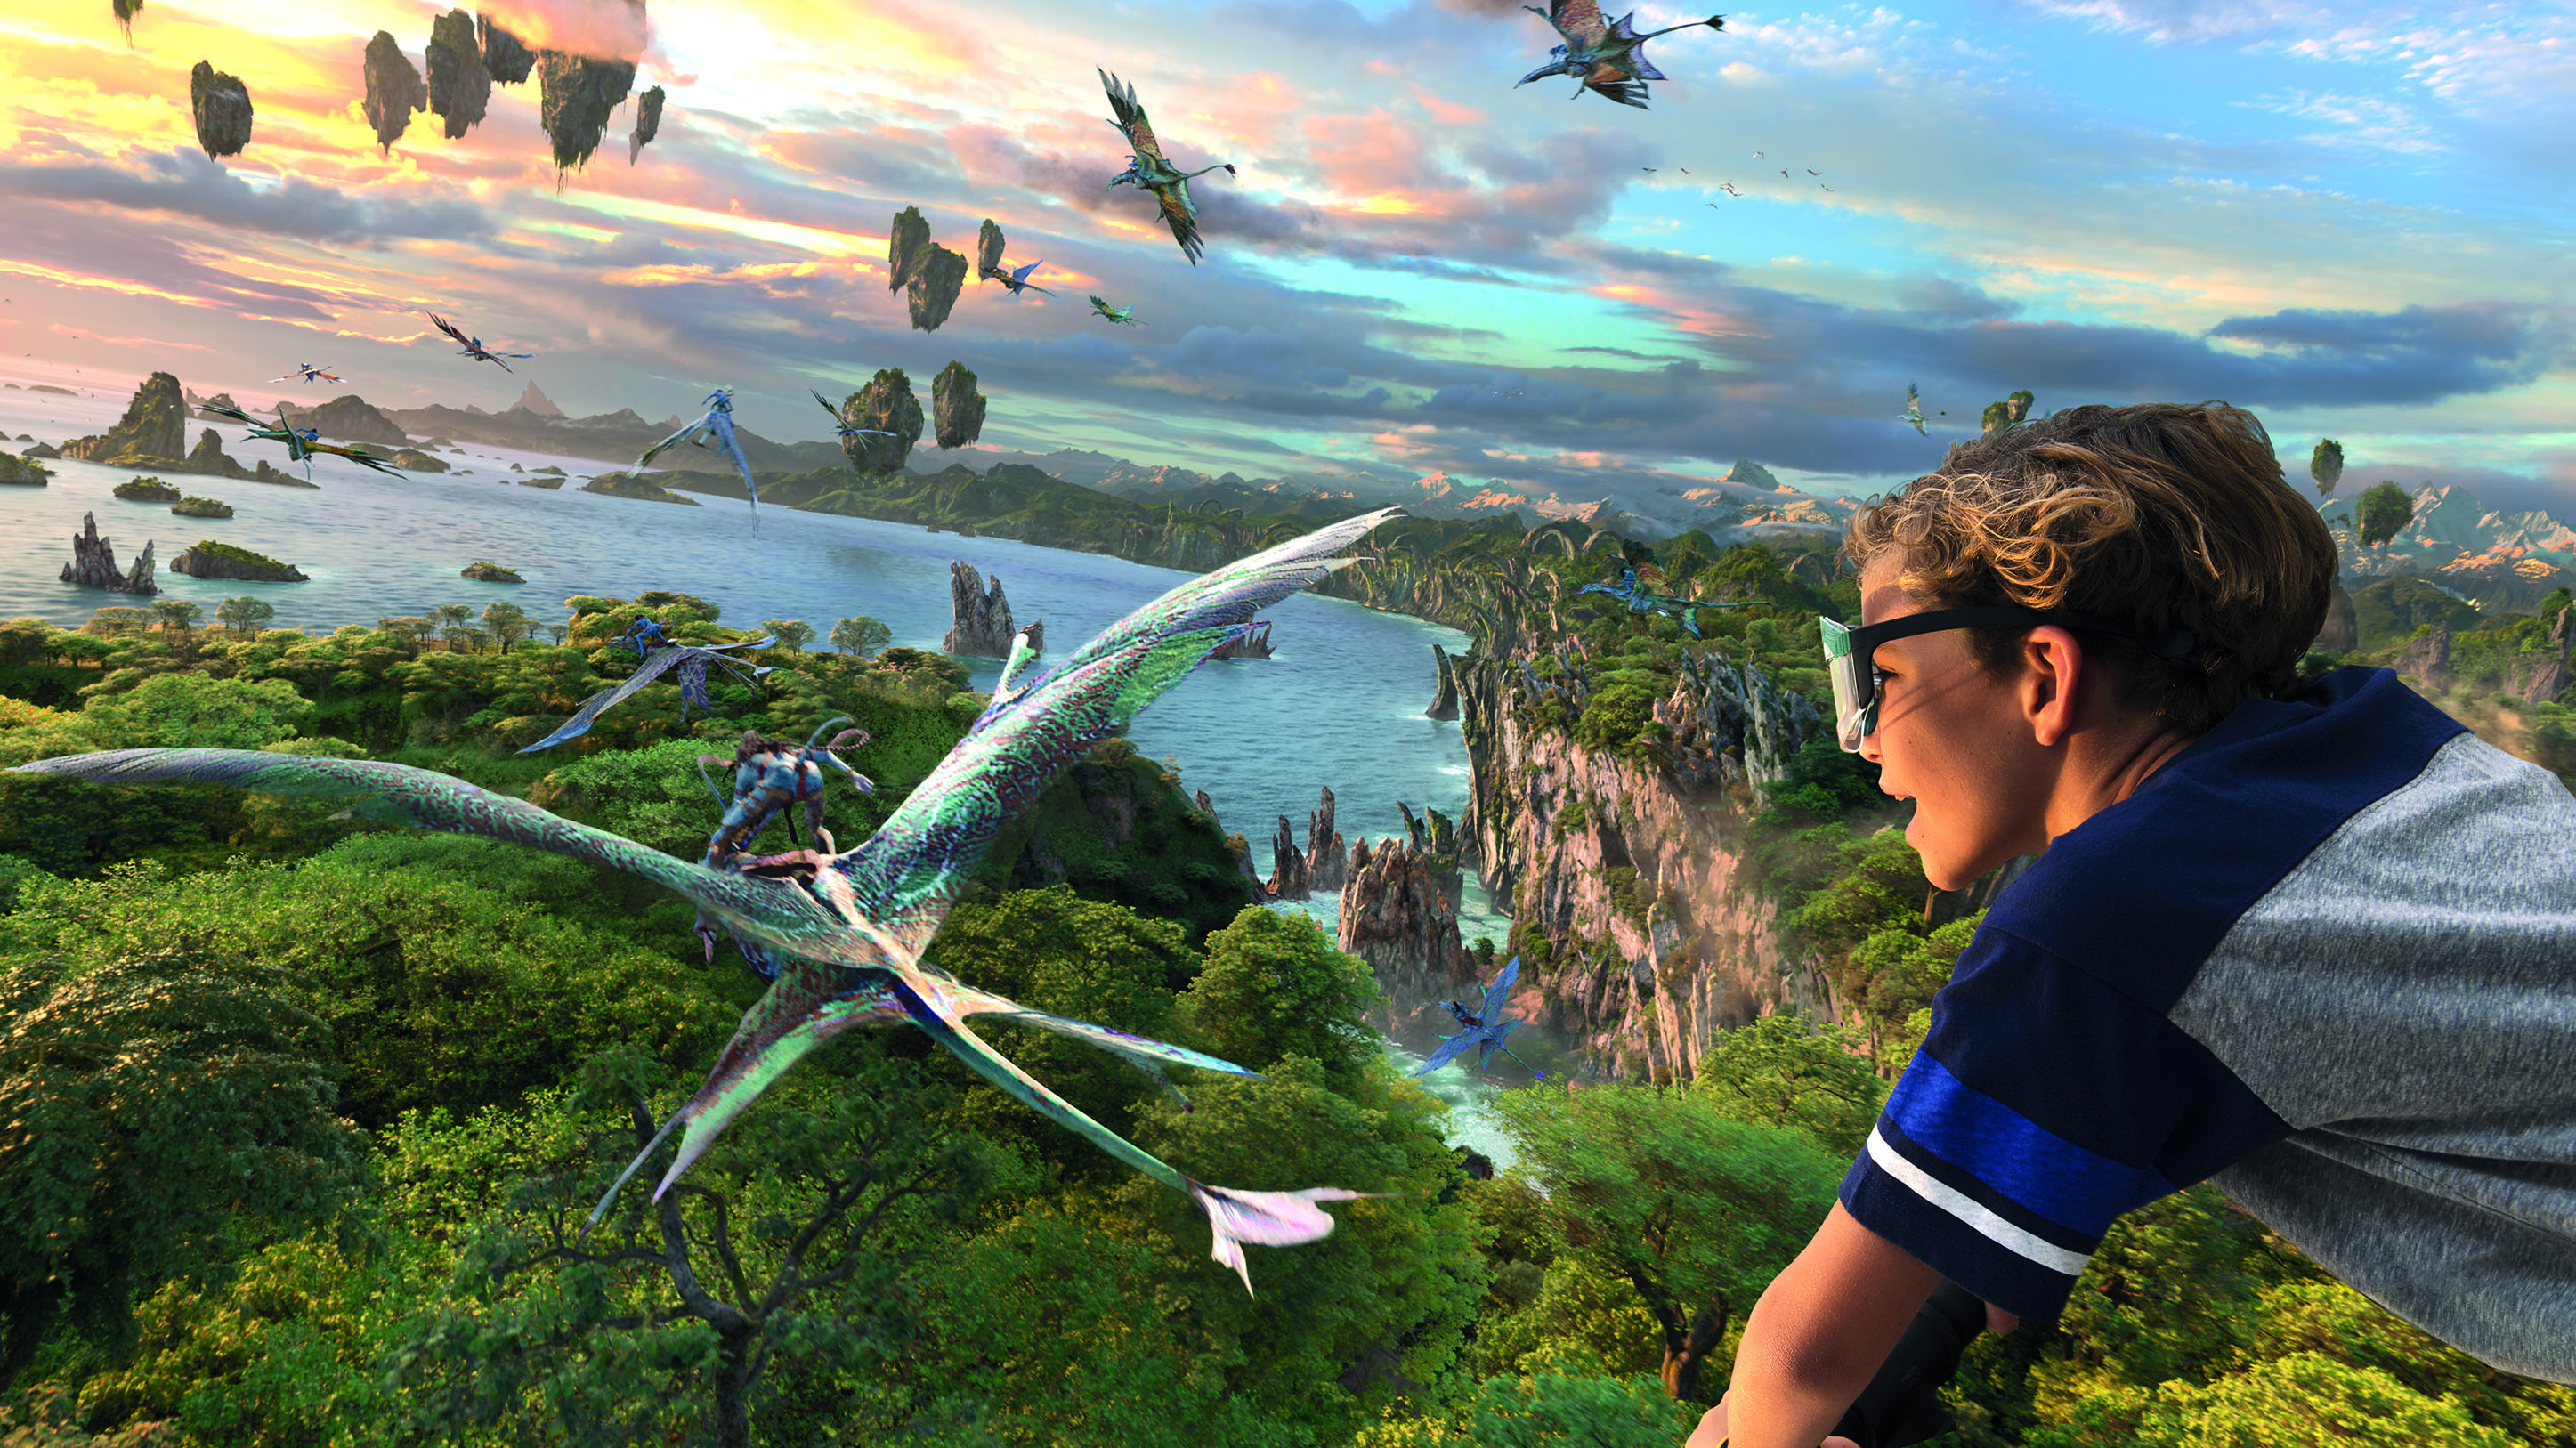 Avatar Flight of Passage at Walt Disney World Resort in Florida